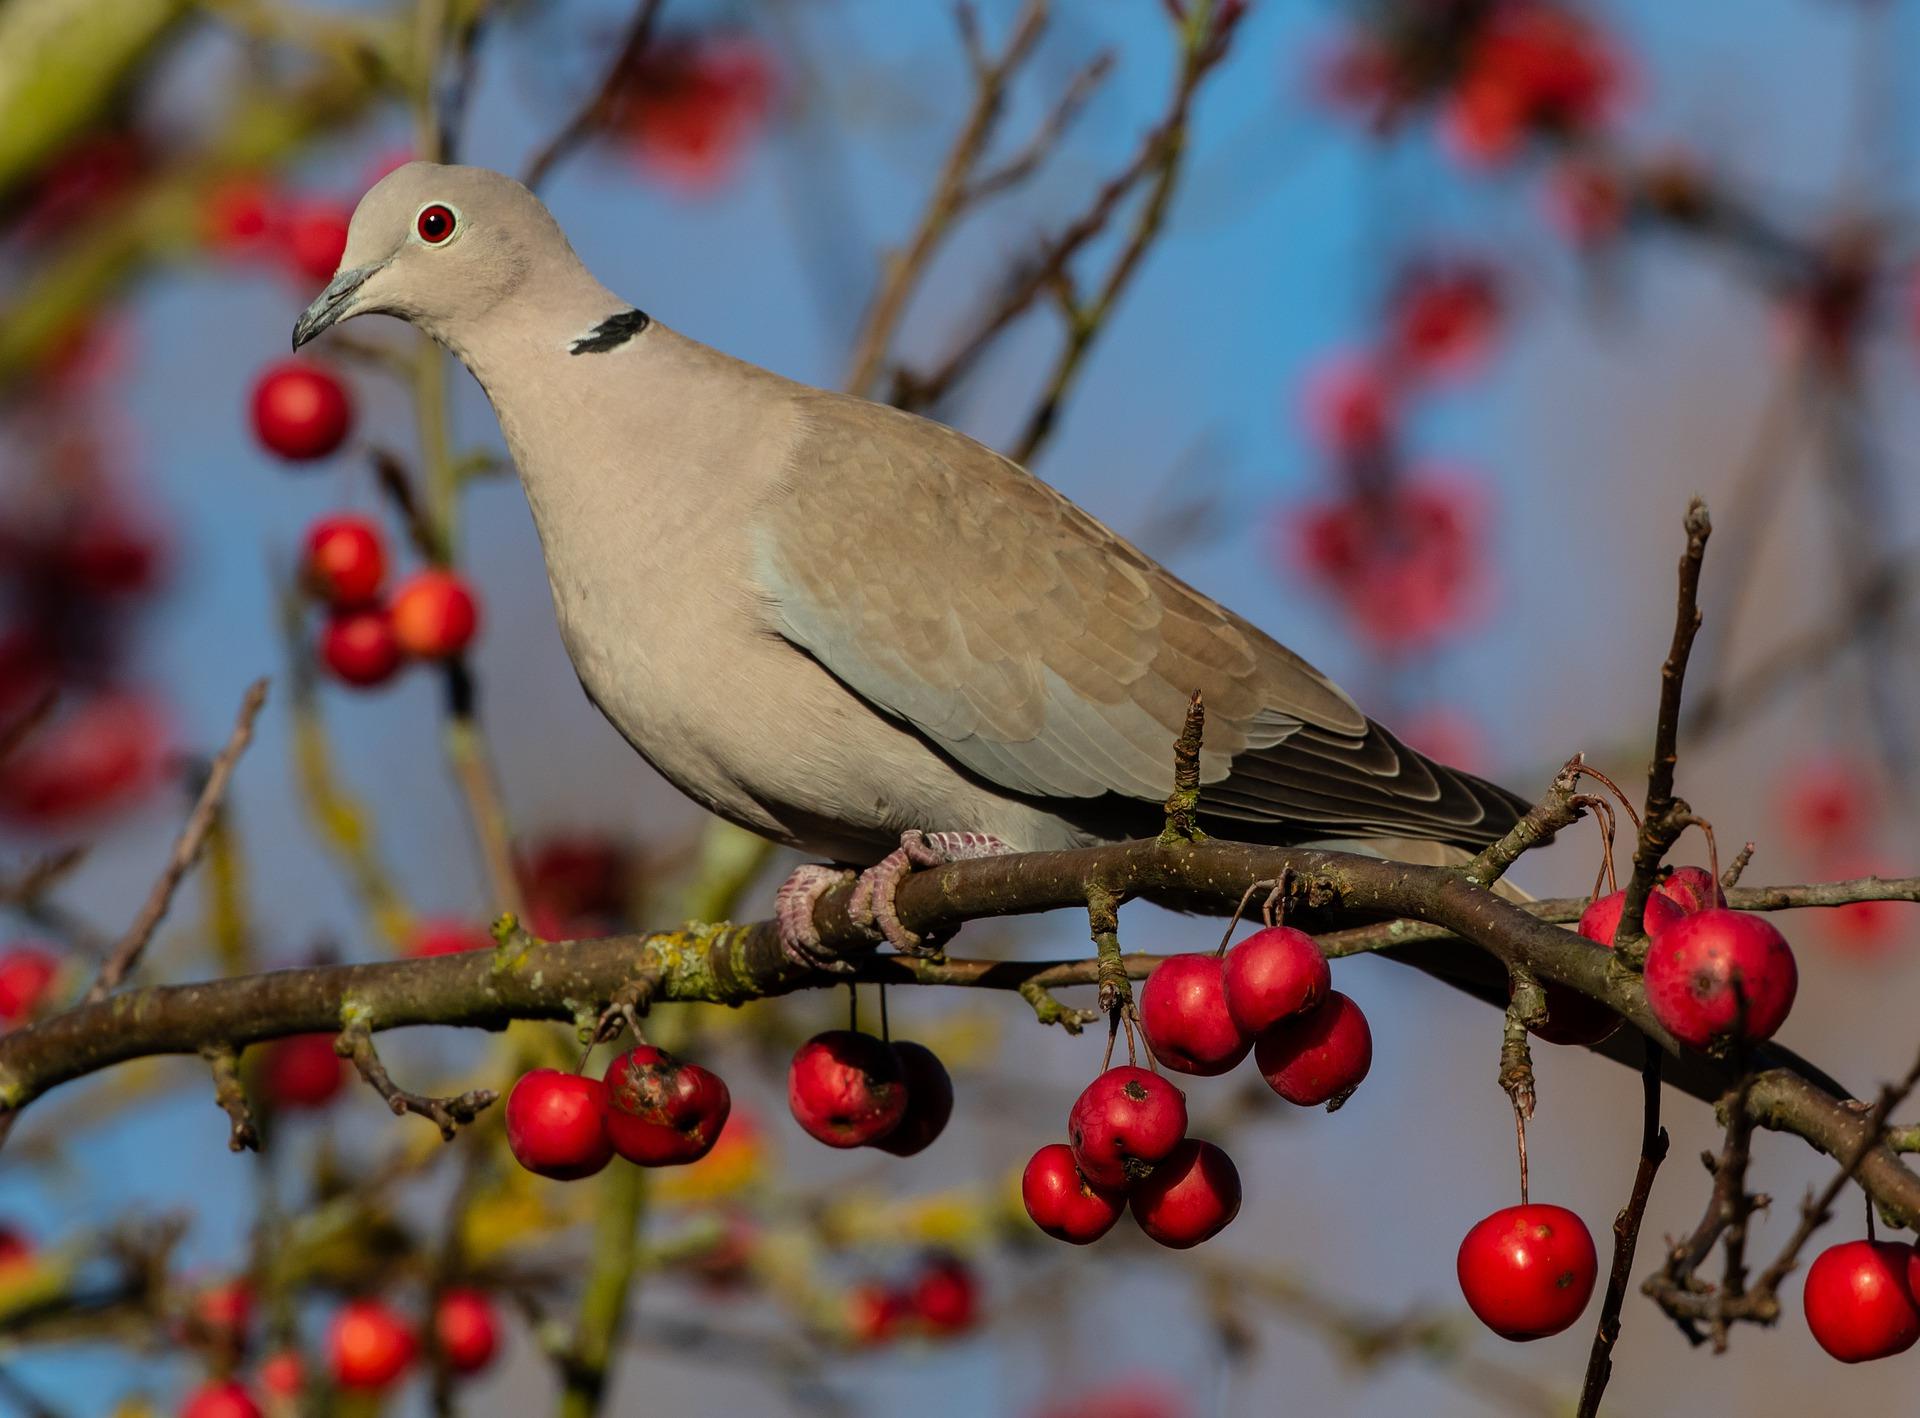 collared-dove-4778198_1920